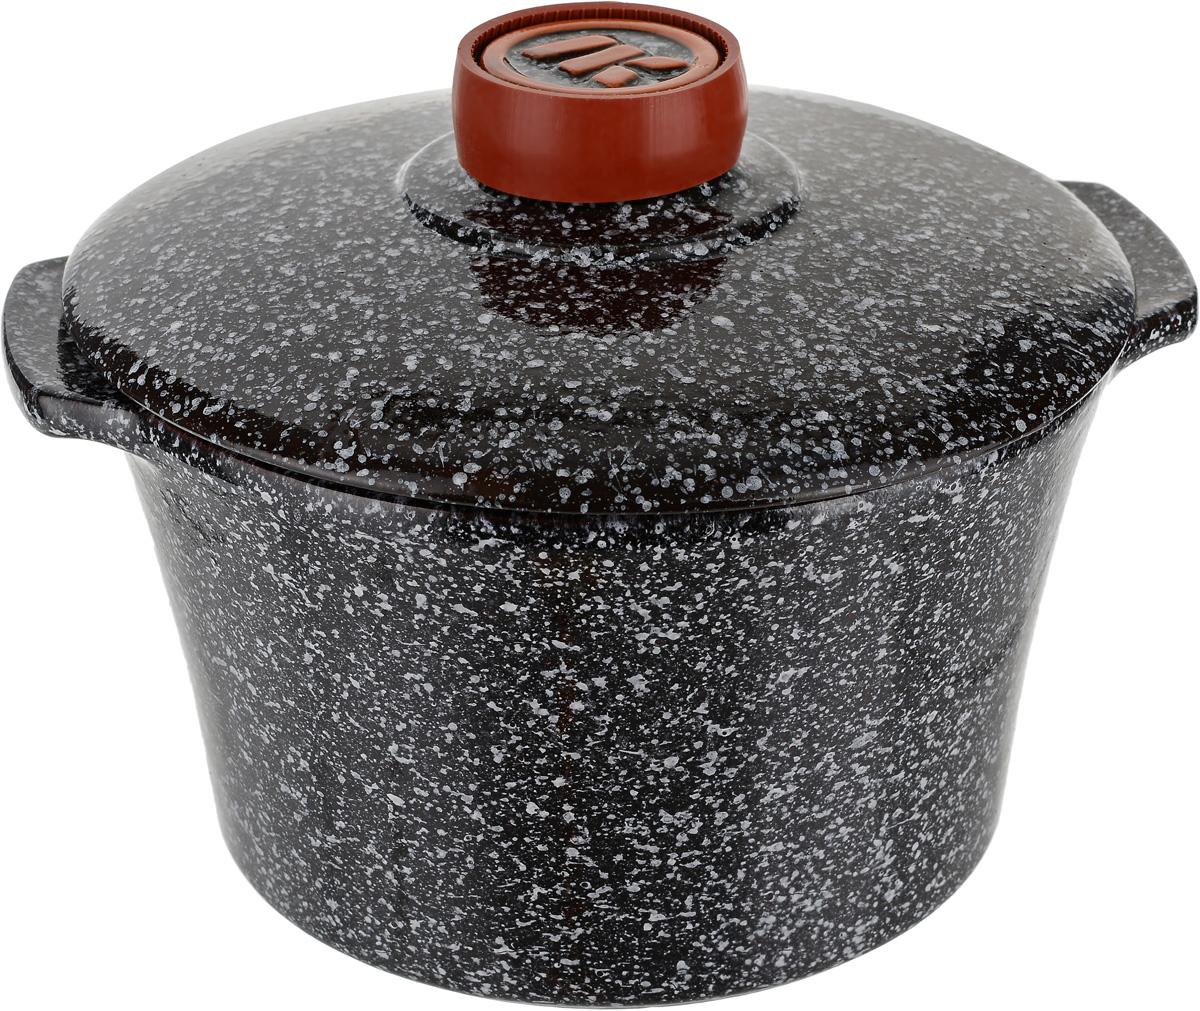 Кастрюли подходят для использования на всех видах плит (для индукционных плит необходим специальный диск) , духовок, микроволновых печей, морозильных камерах и холодильниках. Пища в них не пригорает и сохраняет свой истинный аромат и вкус. Обладает свойством равномерного нагрева и остывания. Благодаря этому термостойкие керамические кастрюли идеально подходят для приготовления блюд, требующих долгого томления на огне. Пища, приготовленная в такой посуде, сохраняет максимум витаминов и минеральных веществ и долго остается горячим. Приготовленное блюдо можно не перекладывать и подавать на стол, а также хранить в холодильнике. Готовя в термостойких керамических кастрюлях вы получите узнаваемый вкус с новыми возможностями.